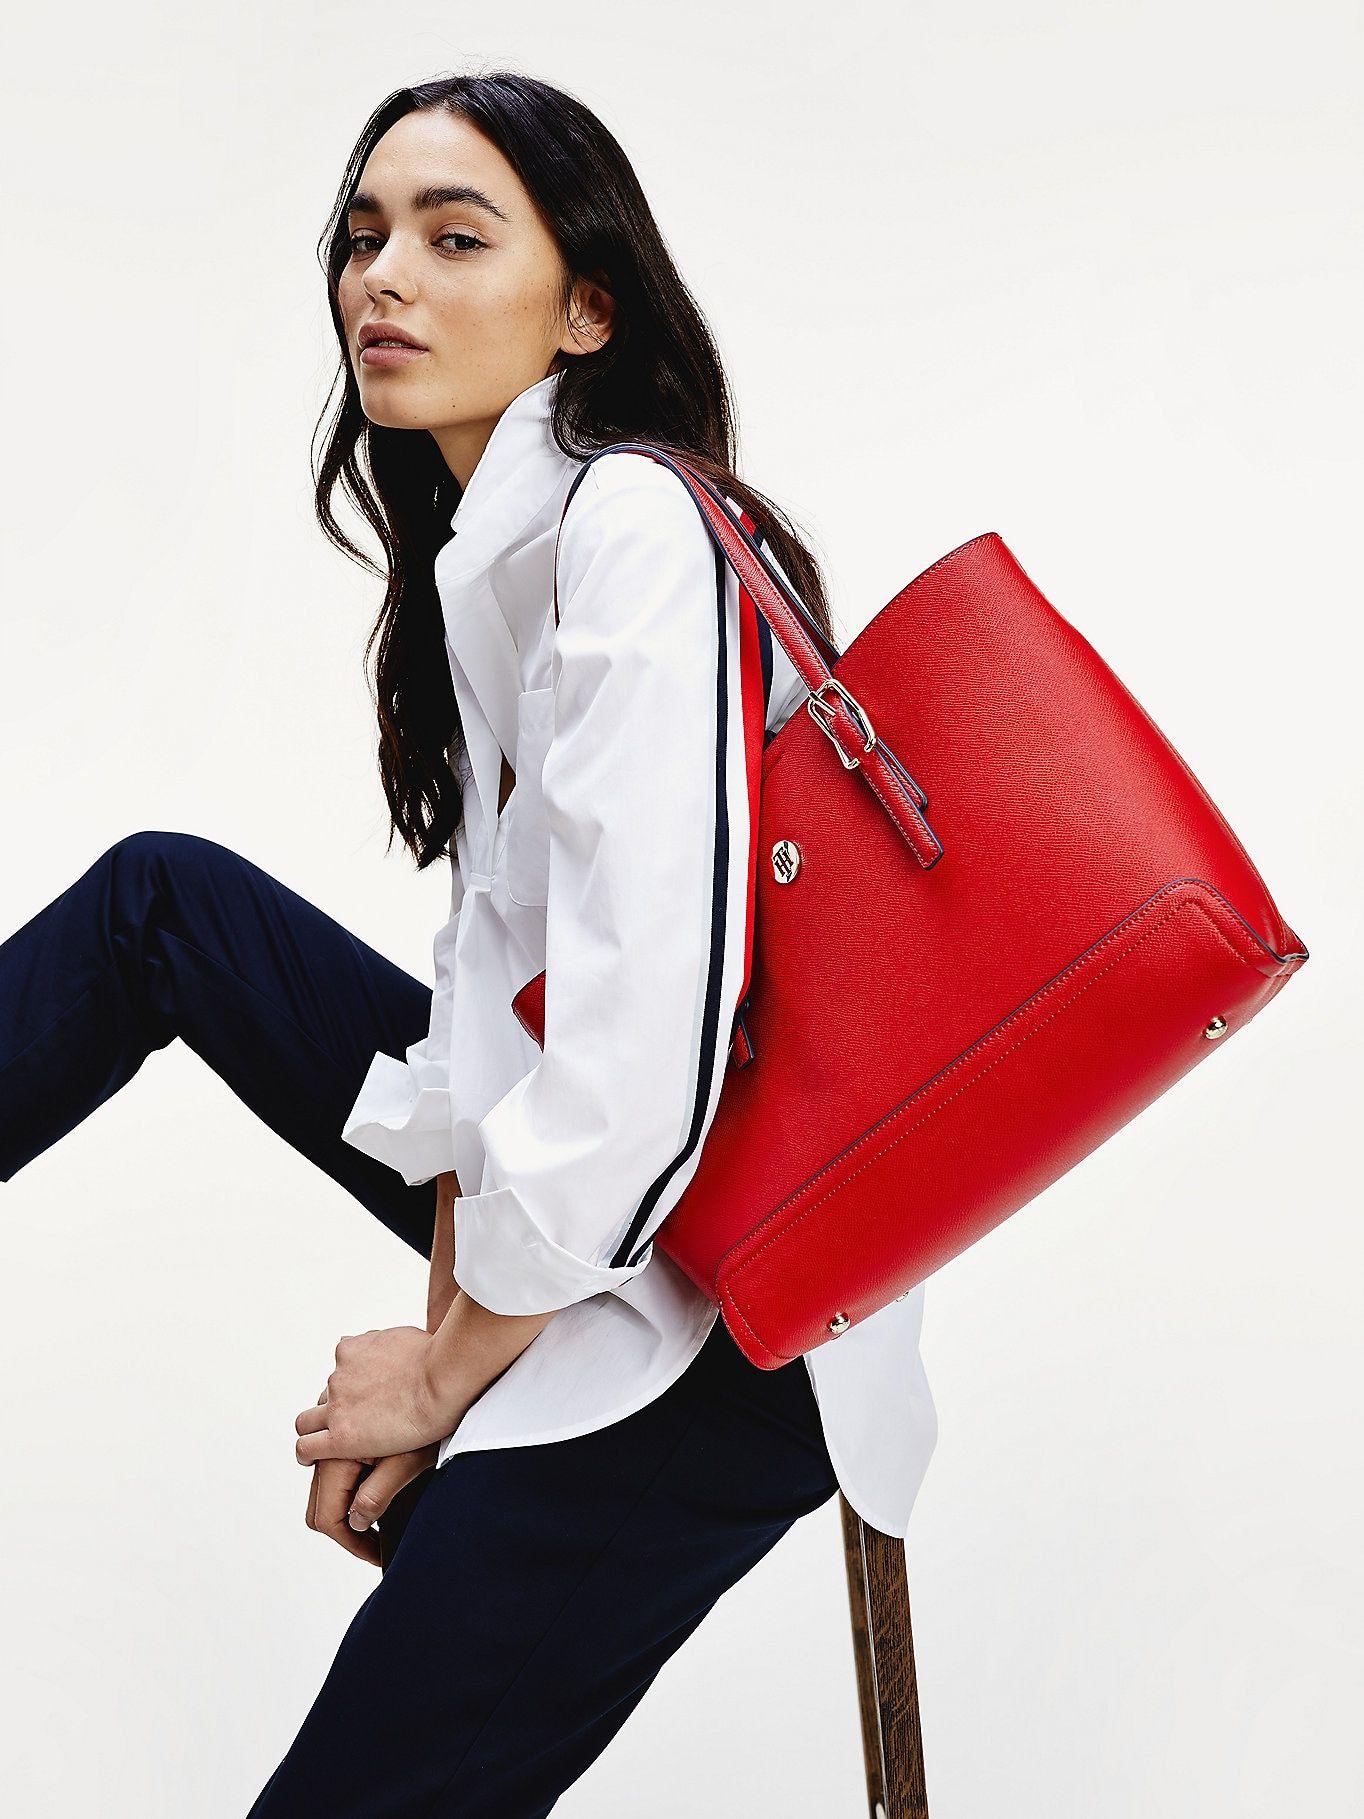 Bolso Tote Mediano Con Insignia Rojo Tommy Hilfiger Tommy Hilfiger Bolsos Bolsos Para Hombre Moda